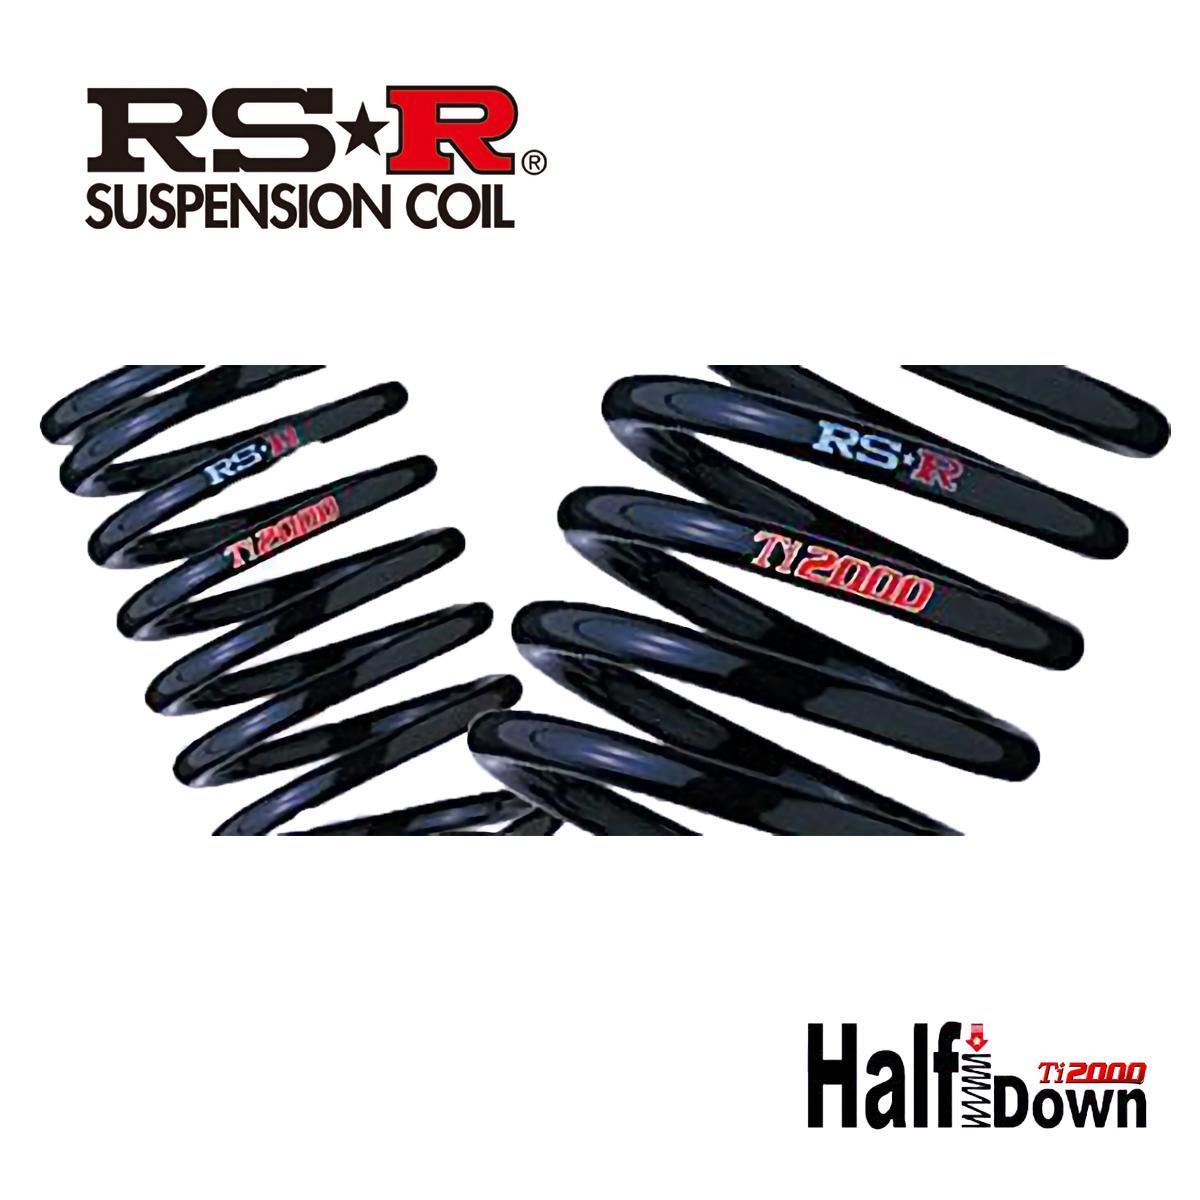 RS-R ハスラー X/Xターボ MR31S ダウンサス スプリング 1台分 S405THD Ti2000 ハーフダウン RSR 個人宅発送追金有